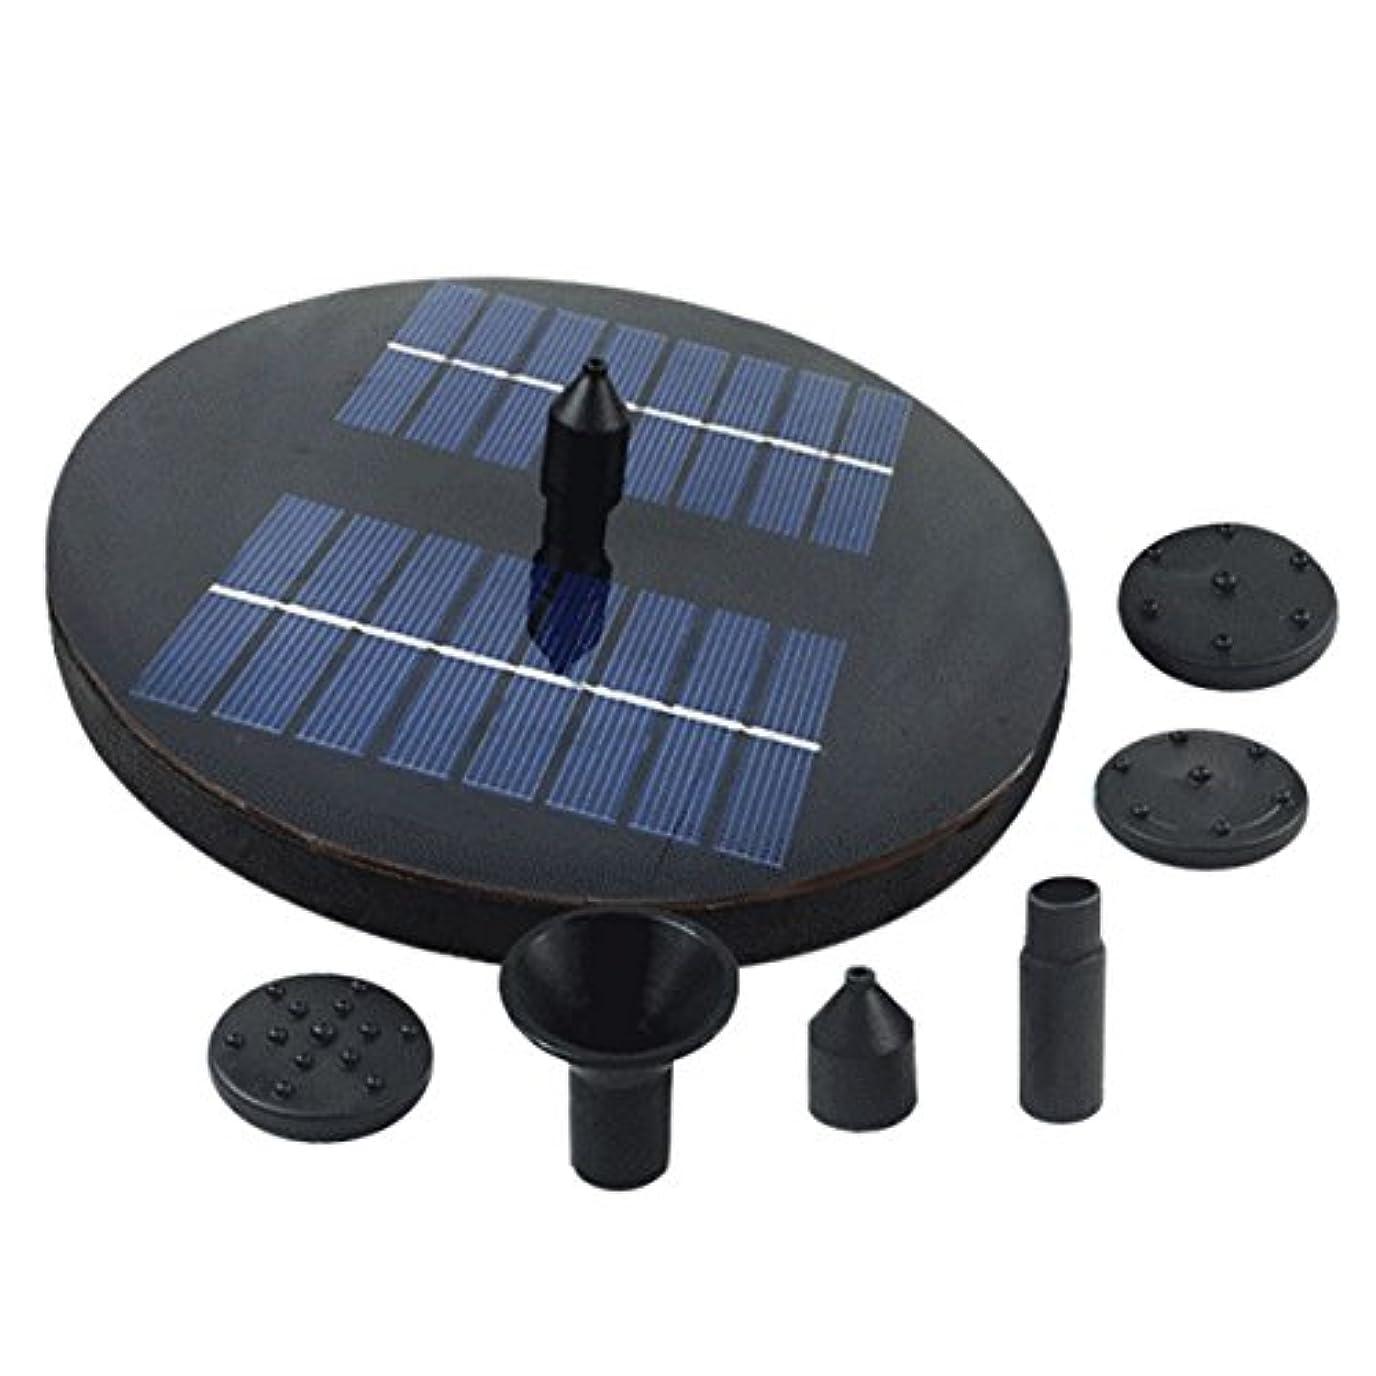 電気シングル道路OUNONA 噴水ポンプ ポンプ ソーラー パネル 省エネ 噴水 庭 池 ガーデン 芝生 LEDライト付き 1.6w